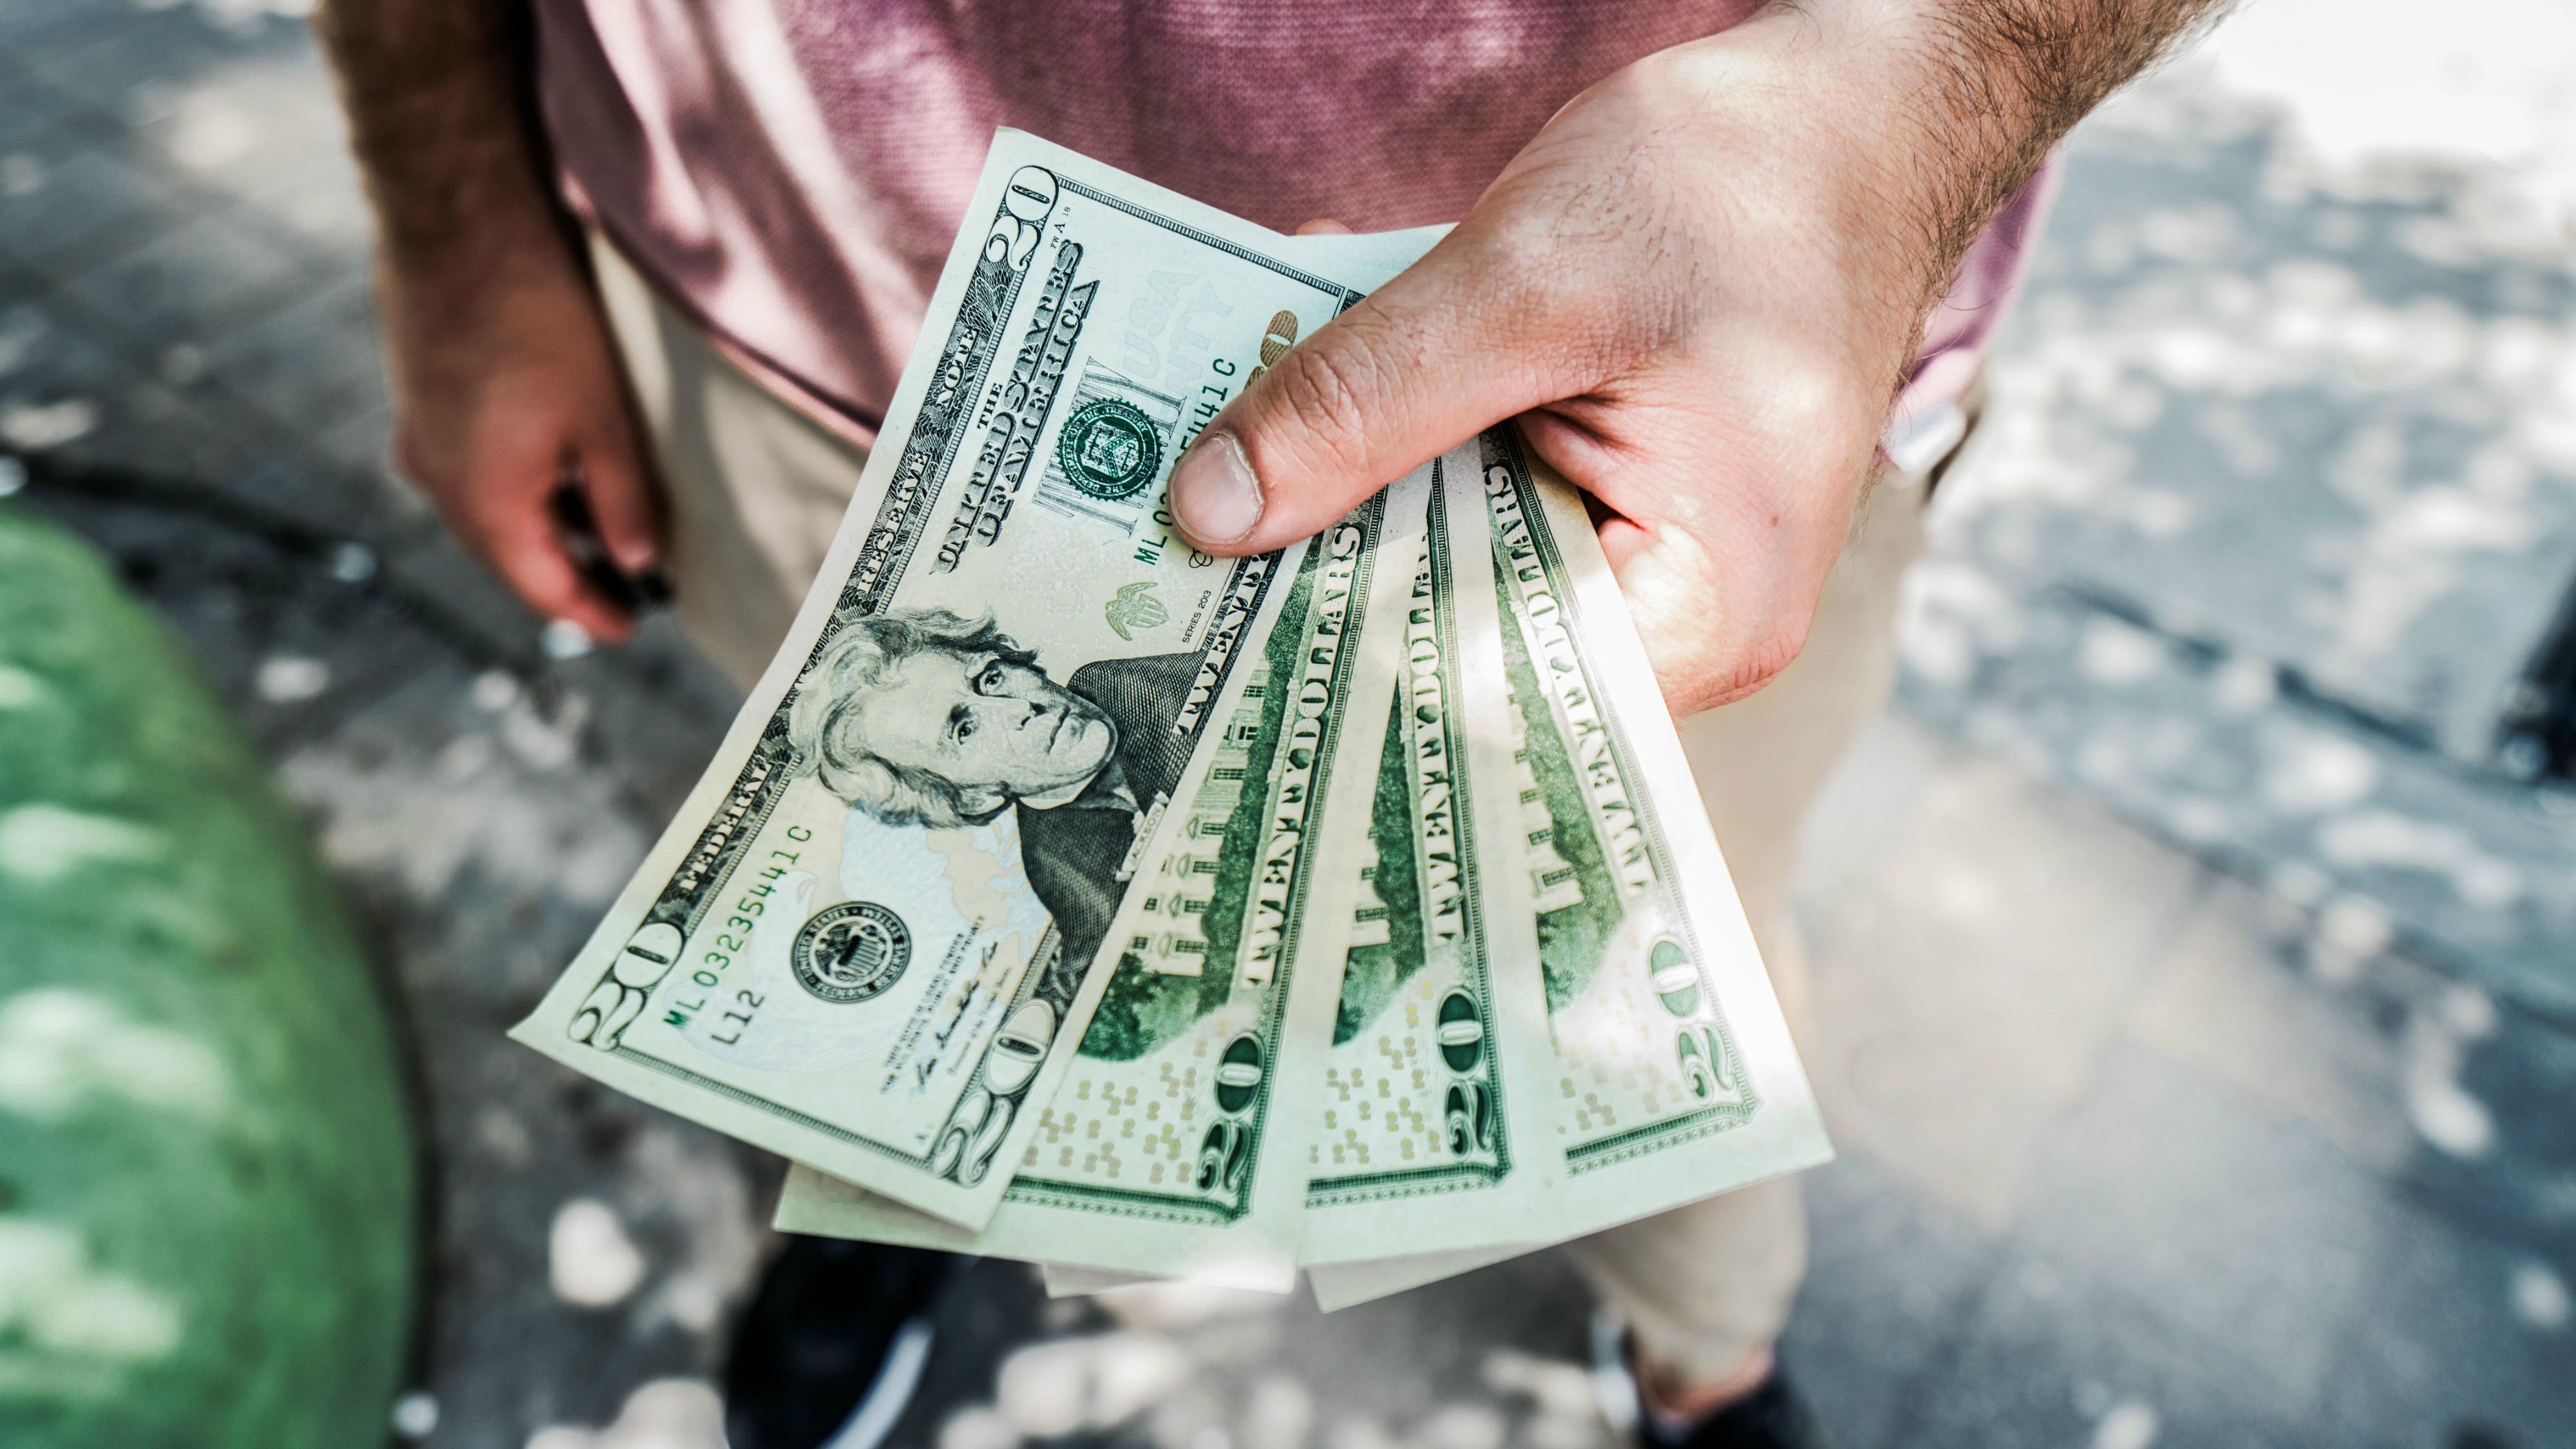 kādi ir veidi, kā nopelnīt naudu